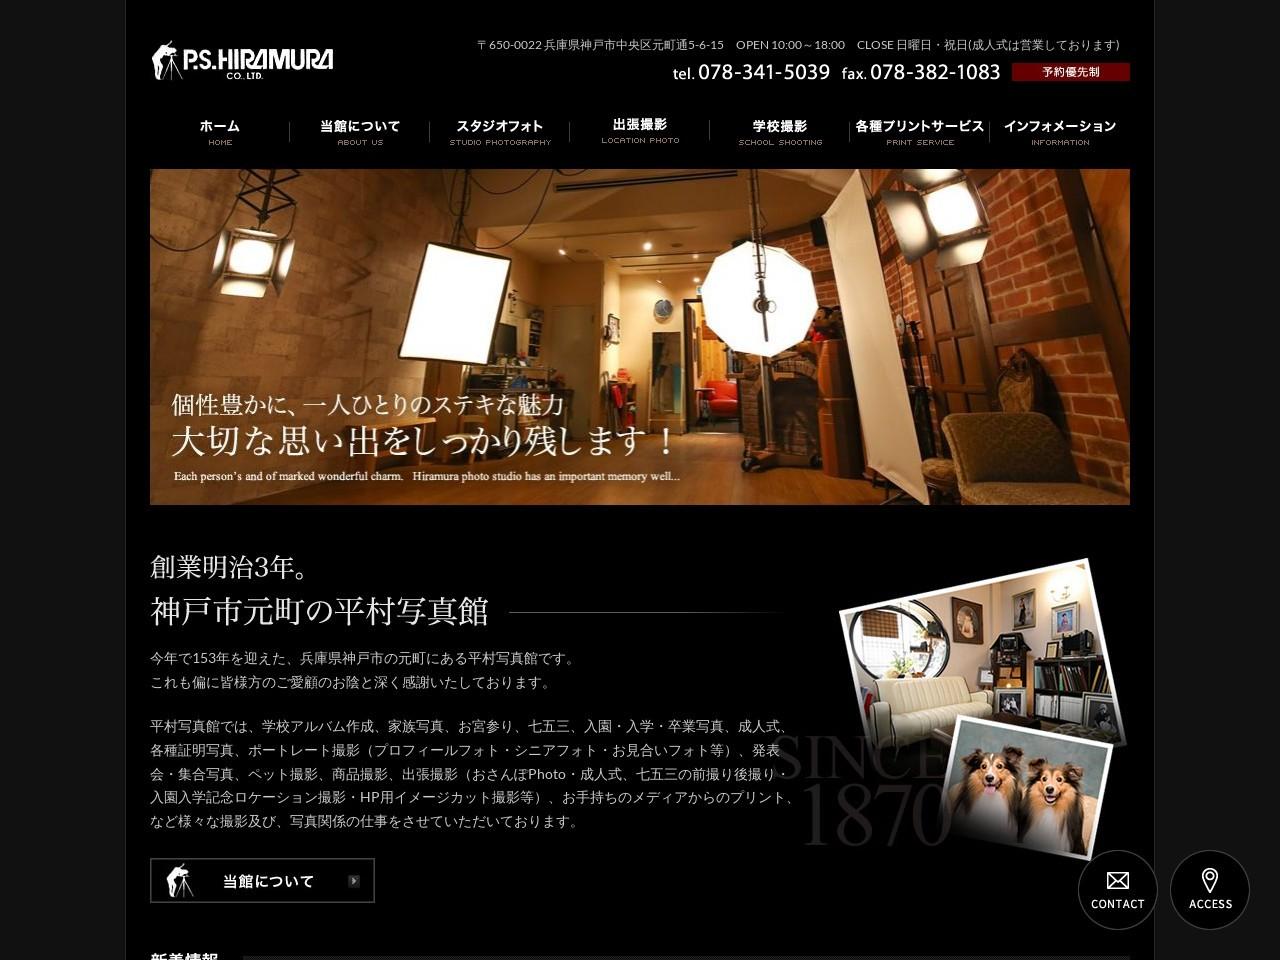 株式会社ピー・エス・ヒラムラ平村写真館